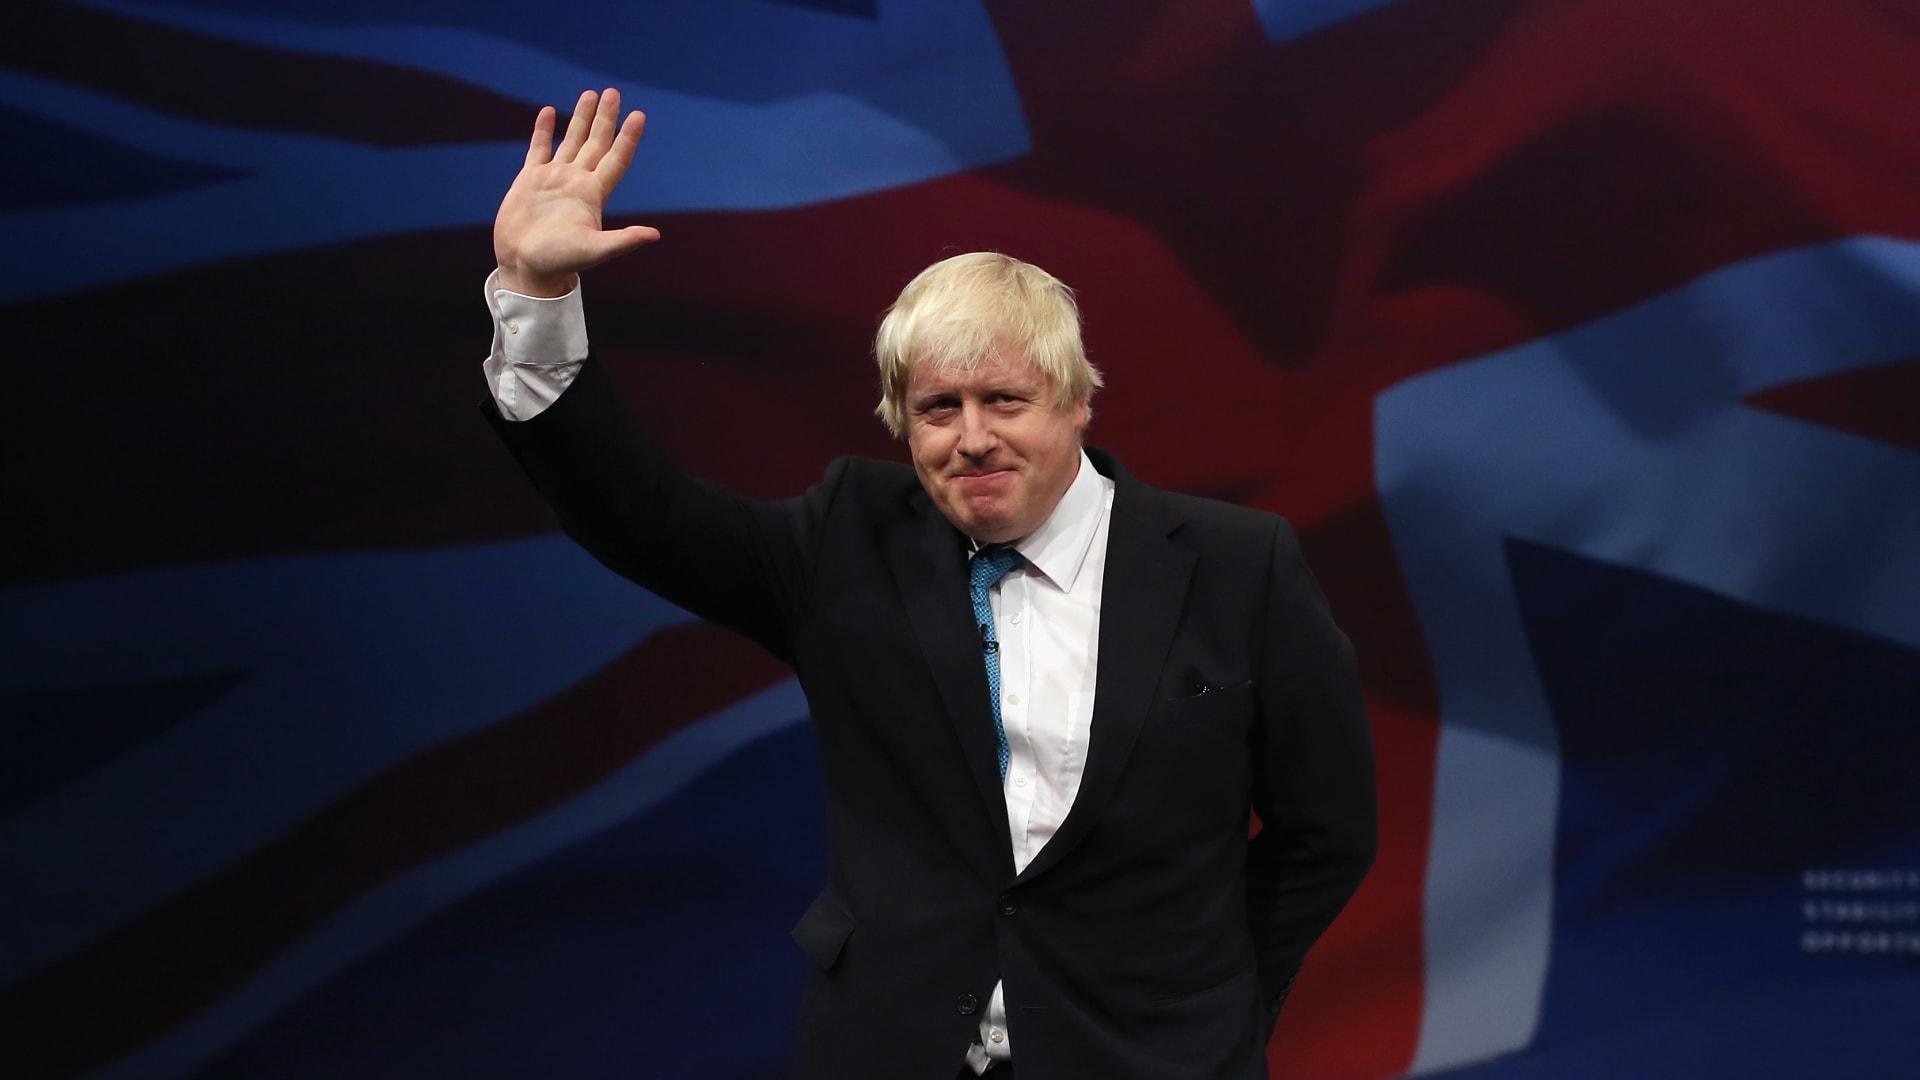 ماذا تتضمن صفقة جونسون لخروج بريطانيا من الاتحاد الأوروبي؟